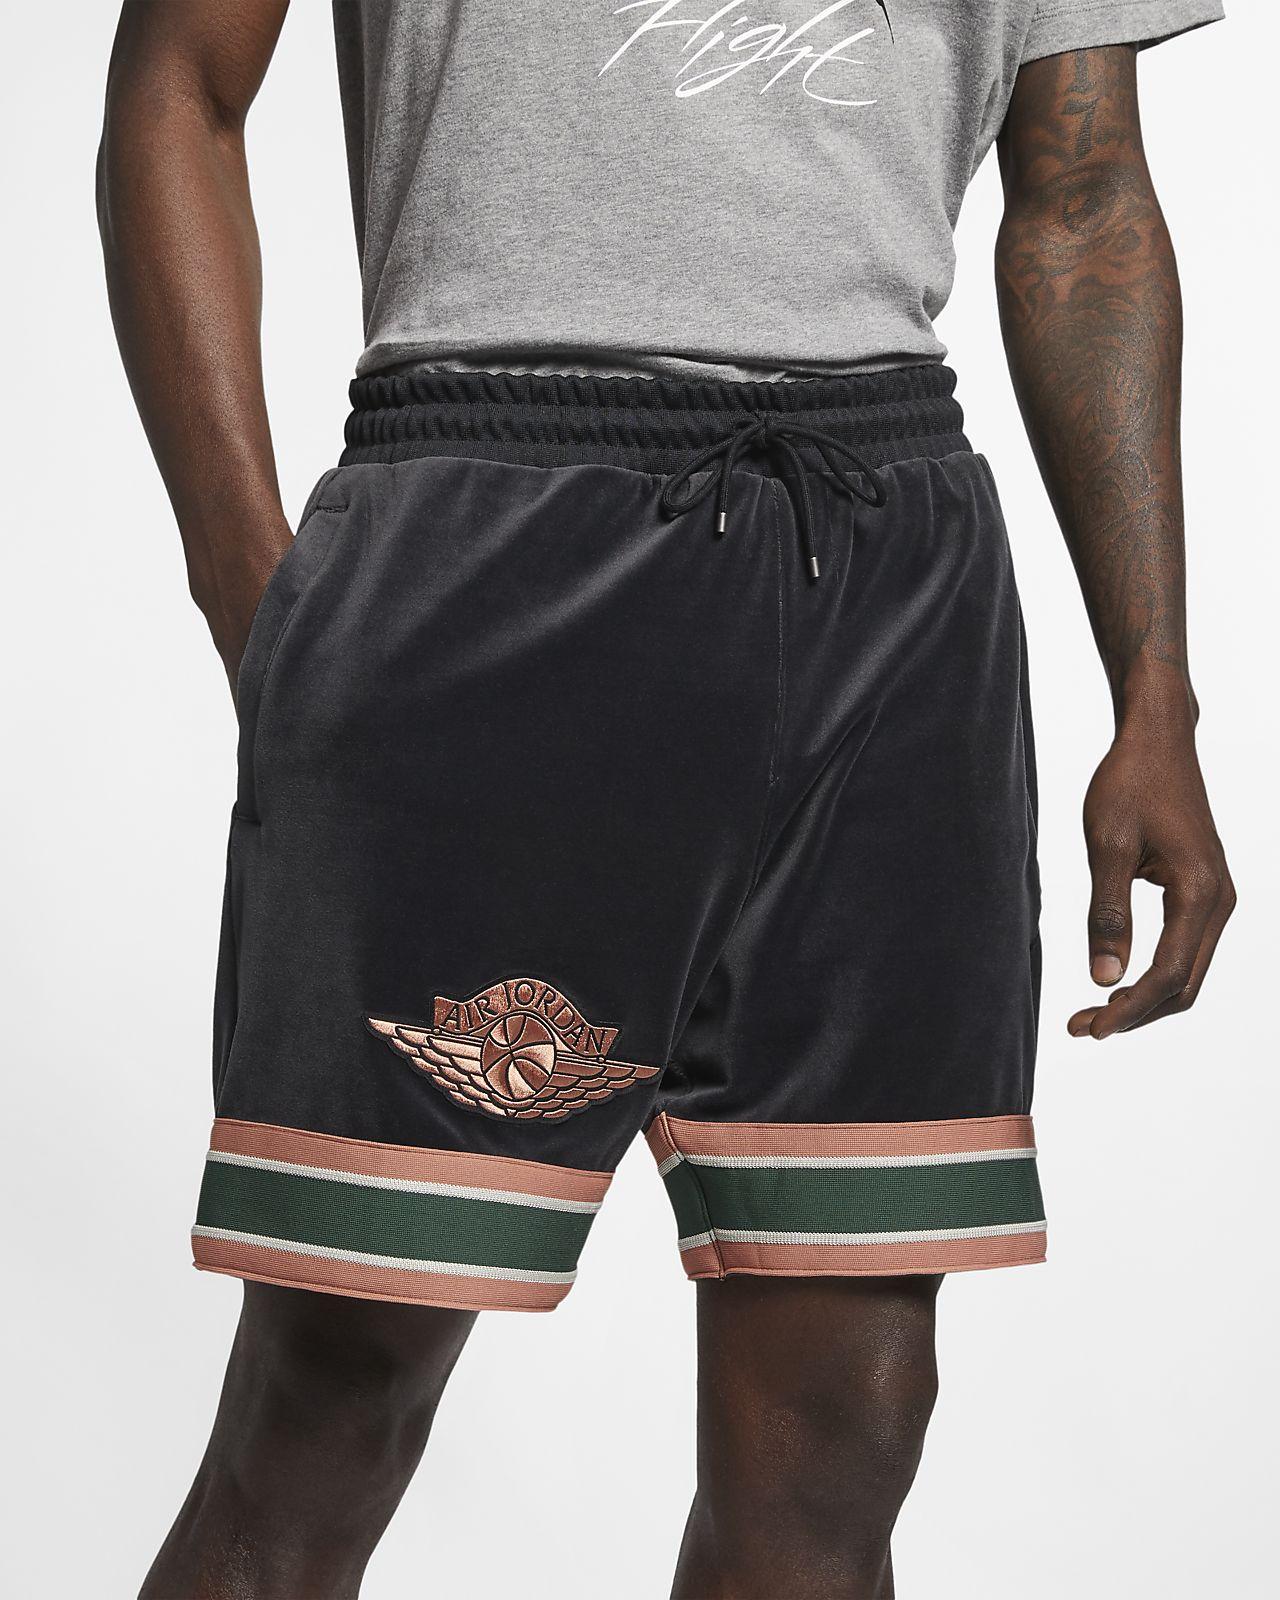 8635bb3fe883 Jordan Gold Chain Men s Shorts. Nike.com